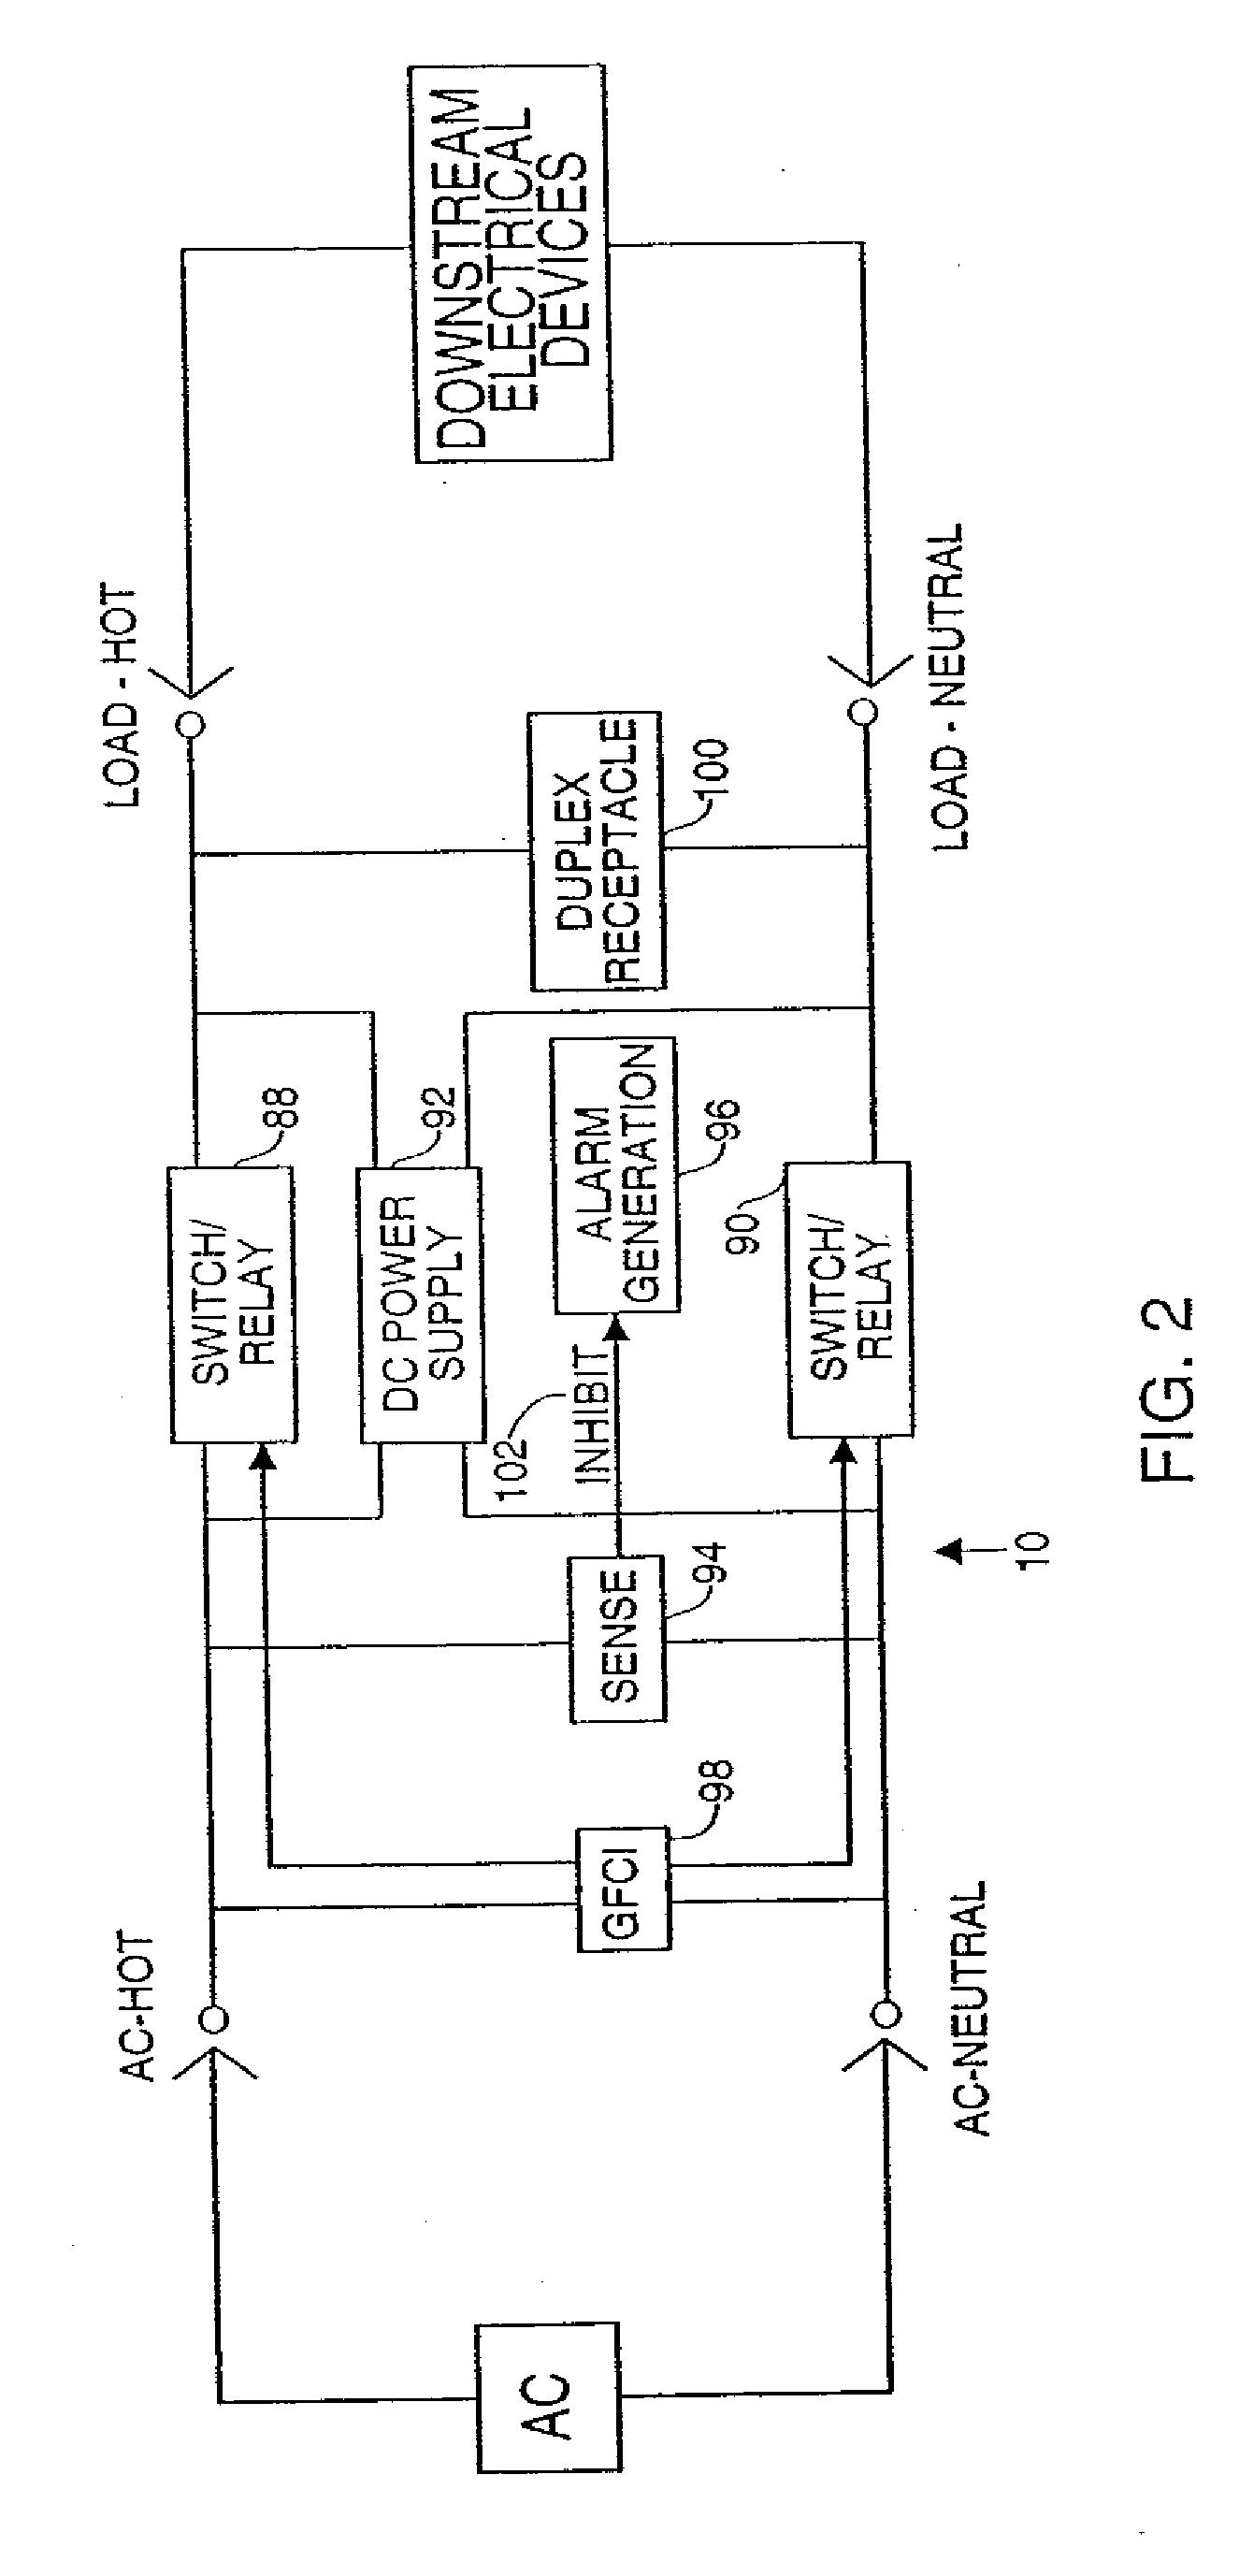 patent us20060285262